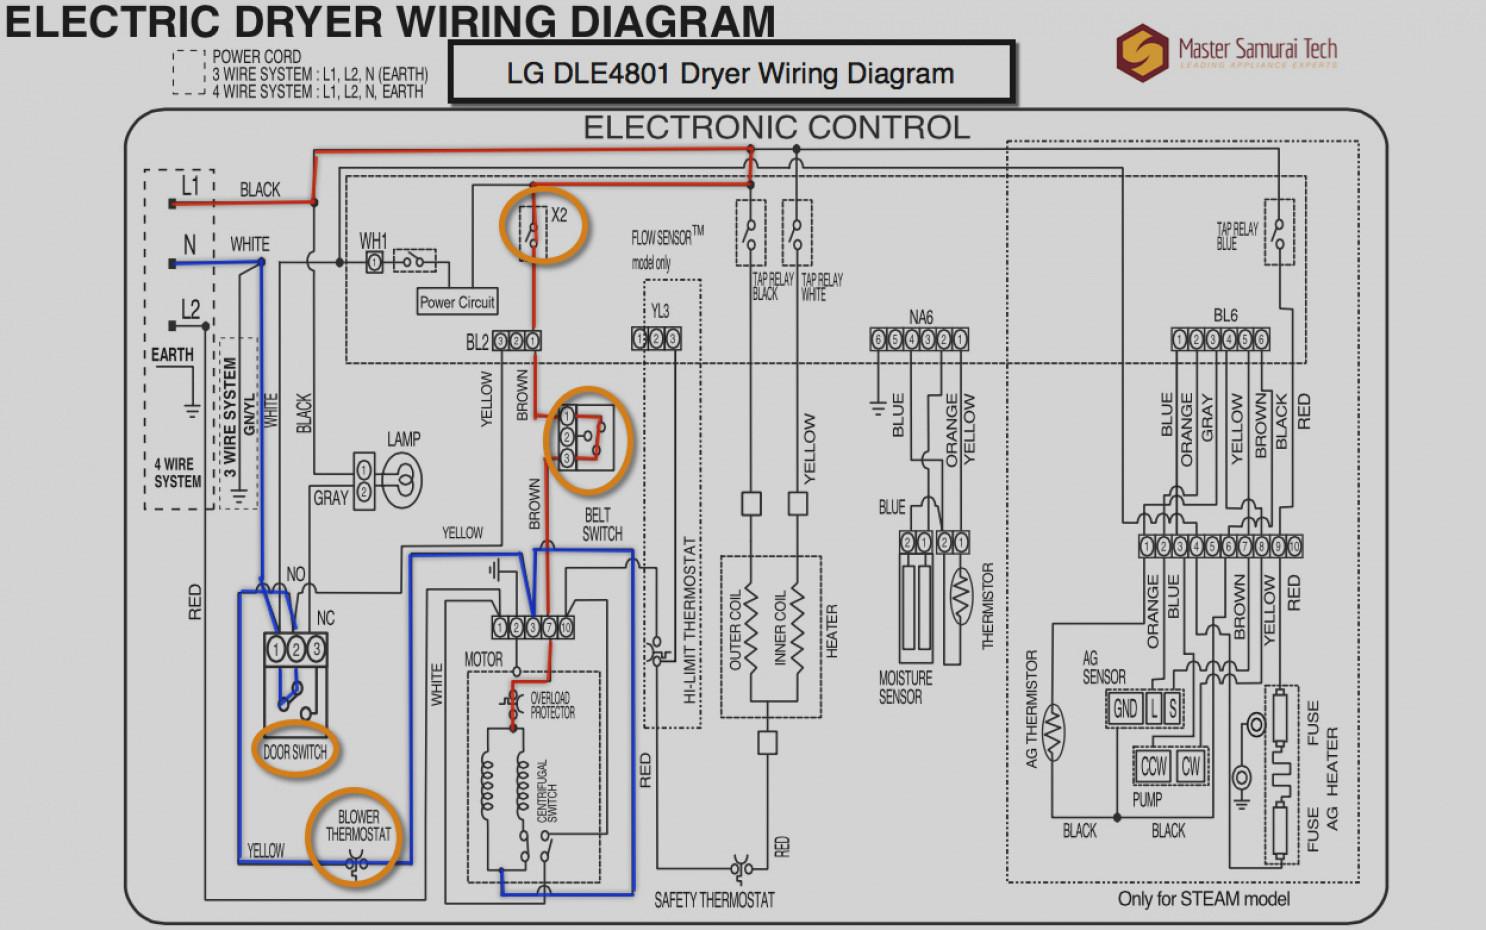 Whirlpool Dryer Wiring Diagram Whirlpool Duet Dryer Wiring Diagram